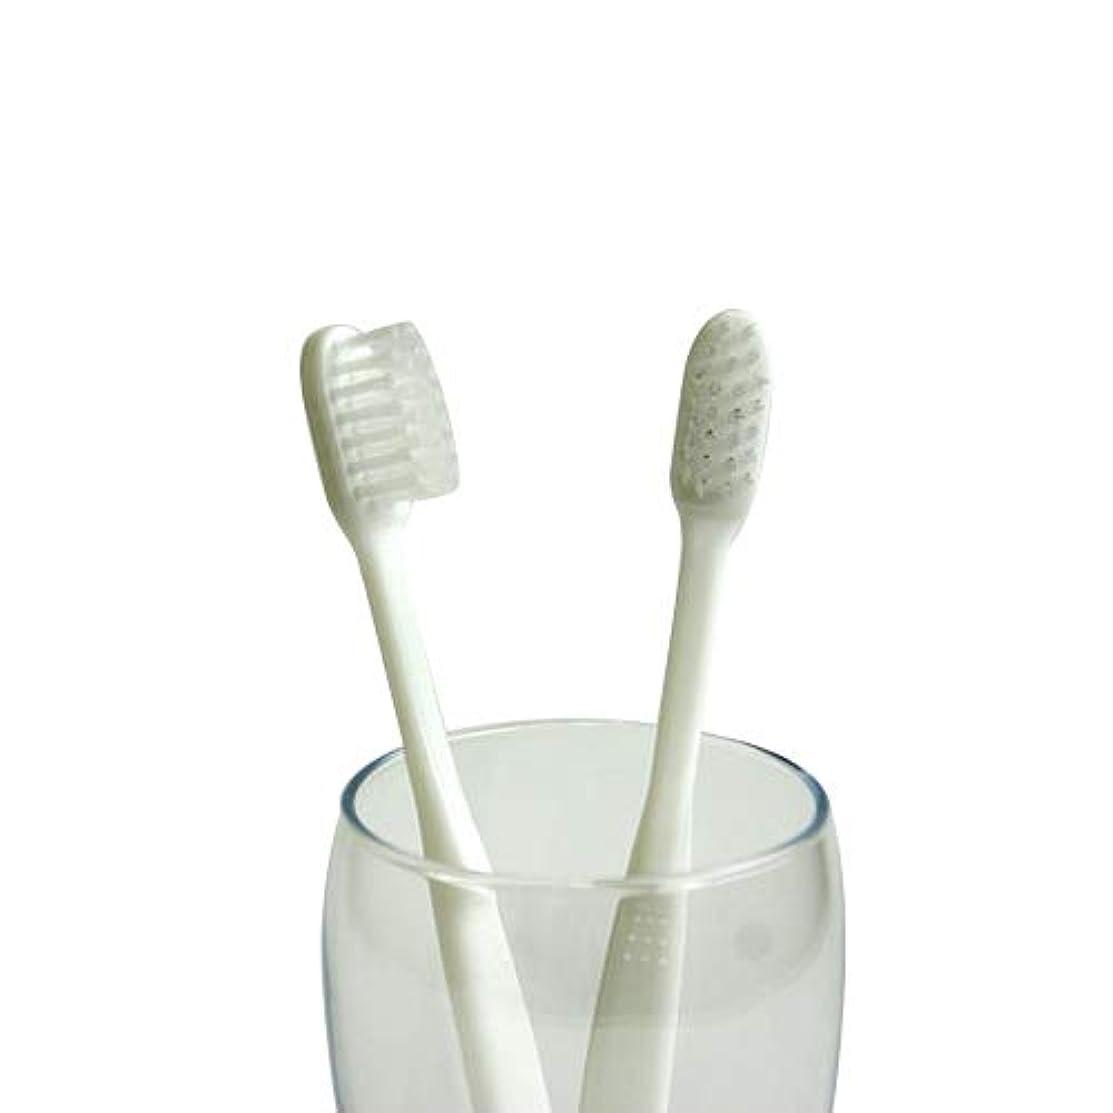 鉄商業の爵業務用使い捨て歯ブラシ(ハミガキ粉無し) 500本入り│口腔衛生用 清掃用 掃除用 工業用 ハブラシ はぶらし